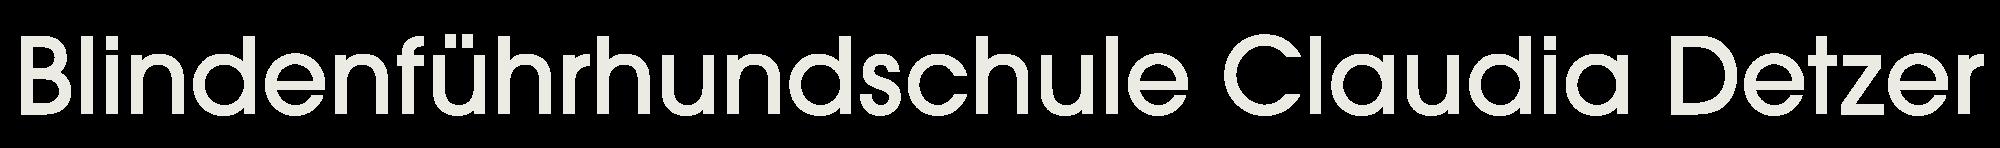 bfh Logo2 sticky